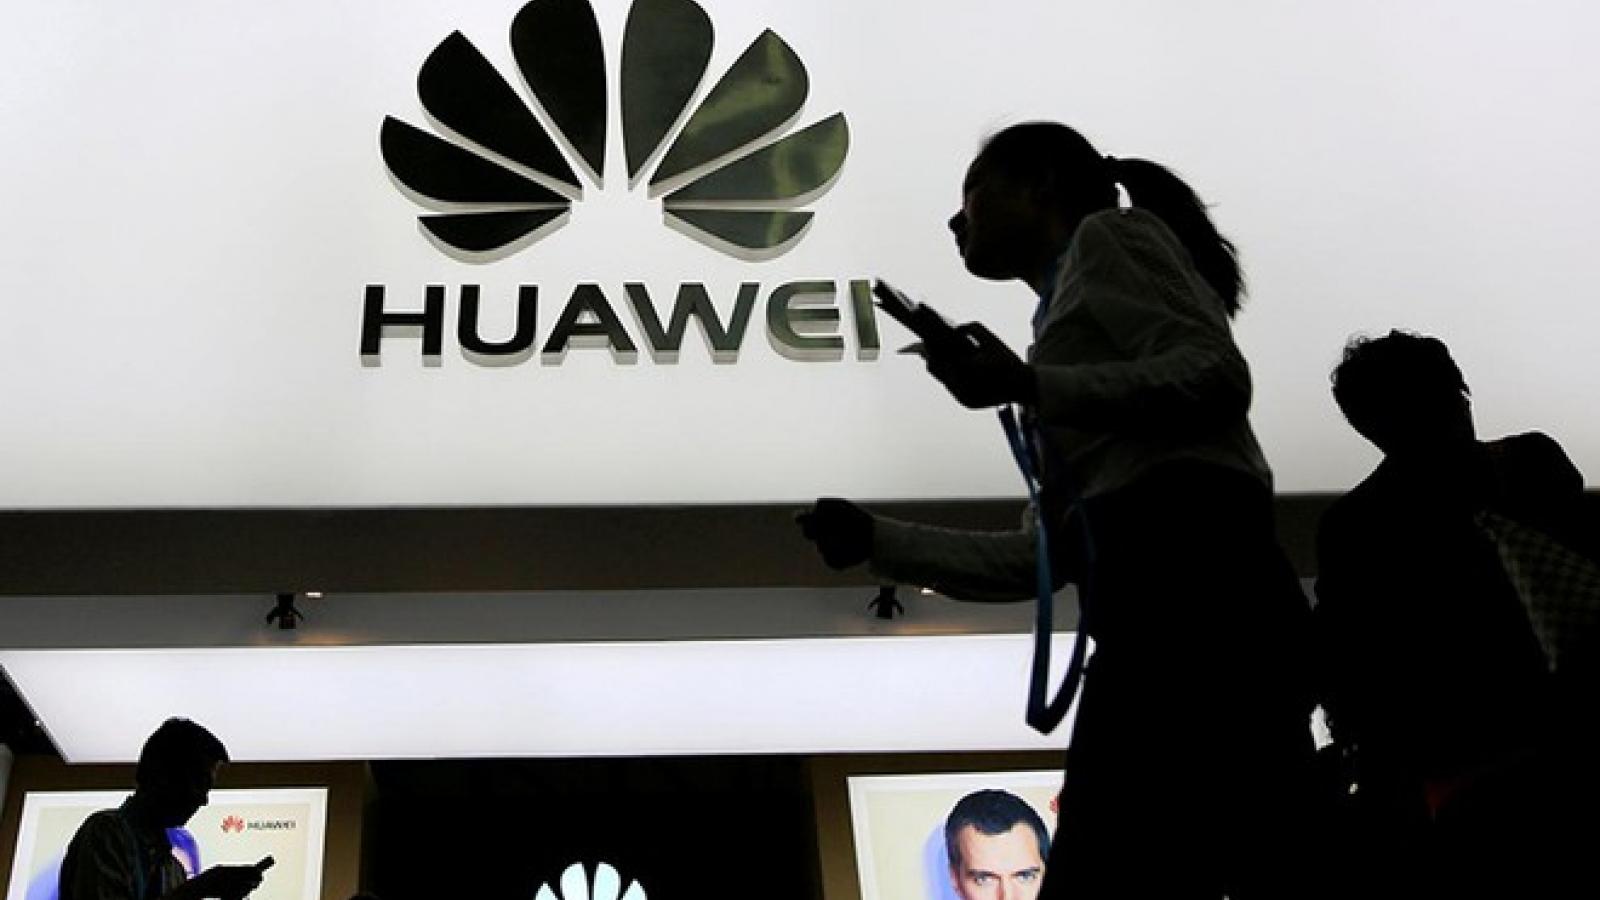 Những ai đang quản lý tập đoàn Huawei?